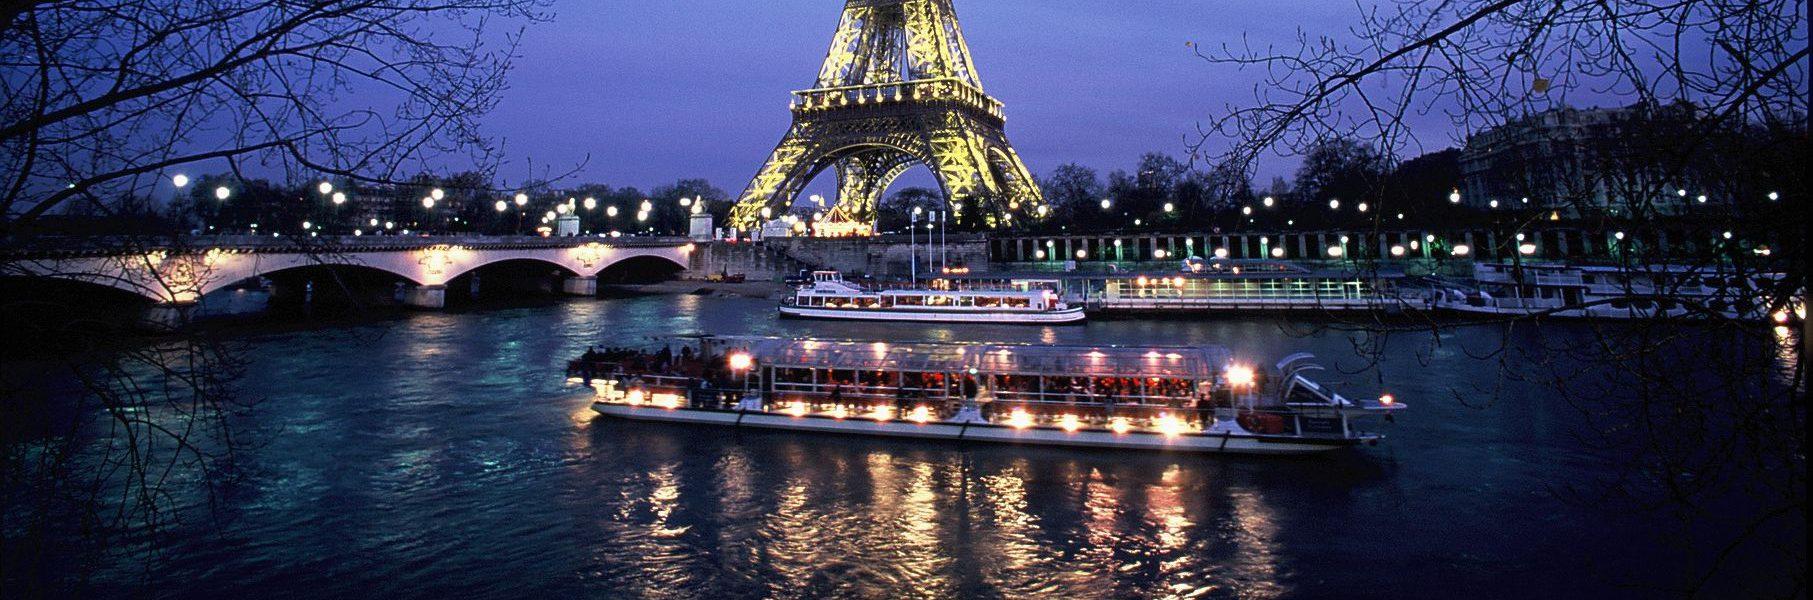 dinner cruise at bateaux parisiens dbp paris webservices. Black Bedroom Furniture Sets. Home Design Ideas